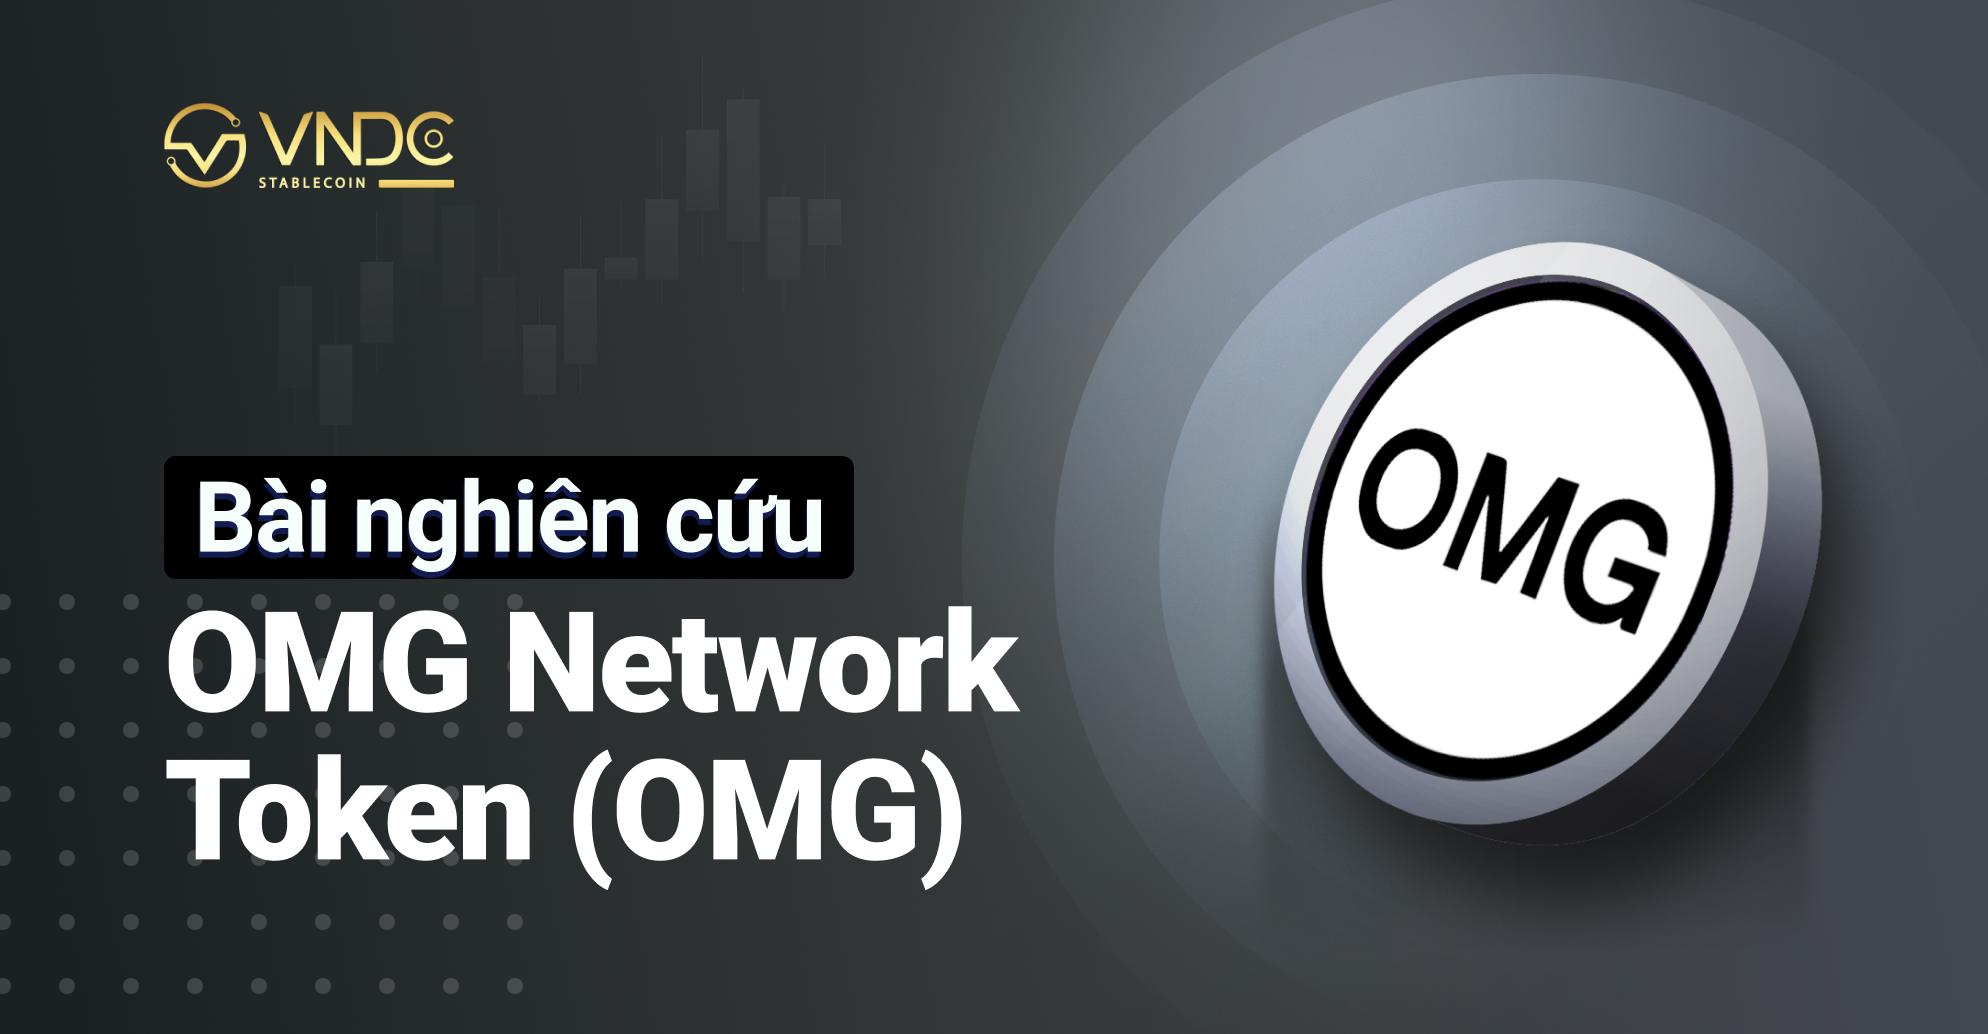 Bài nghiên cứu về OMG Network Token (OMG)